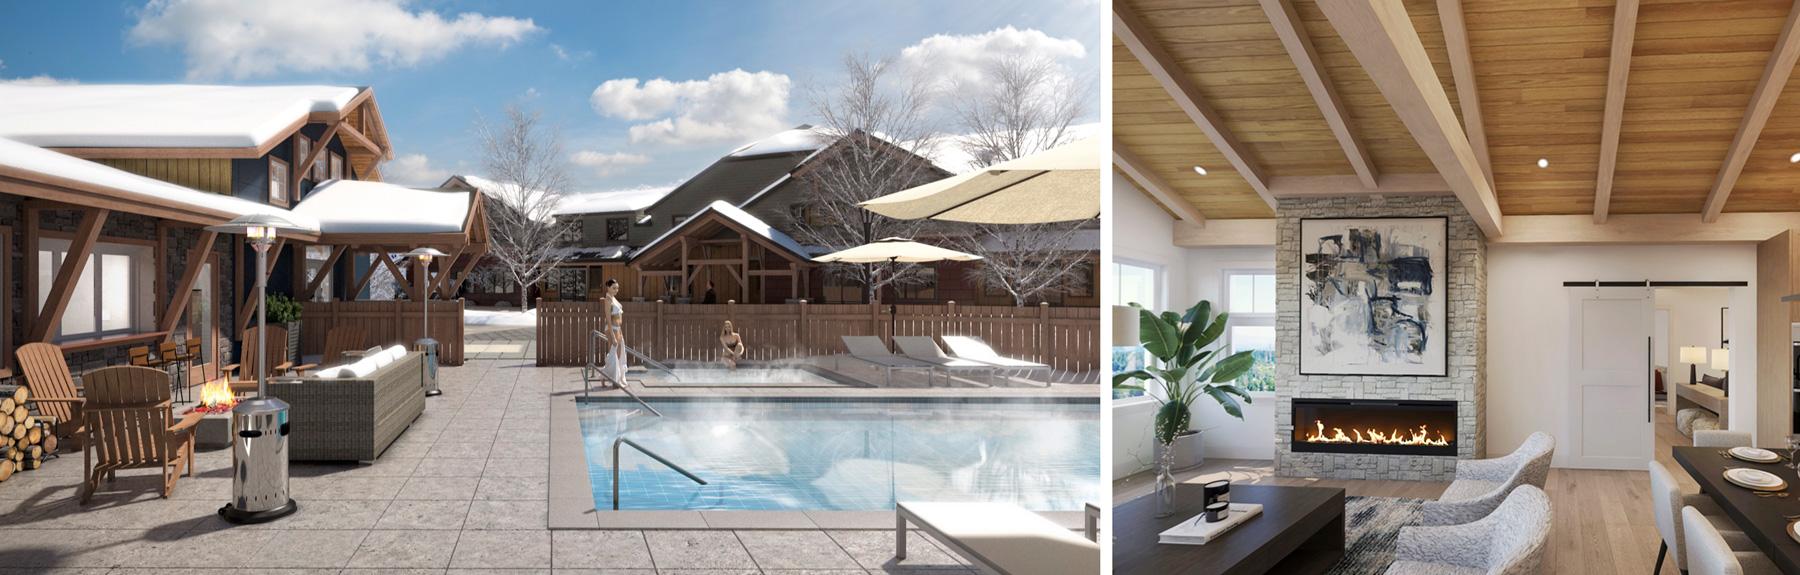 Suncatcher Villa and Health Spa